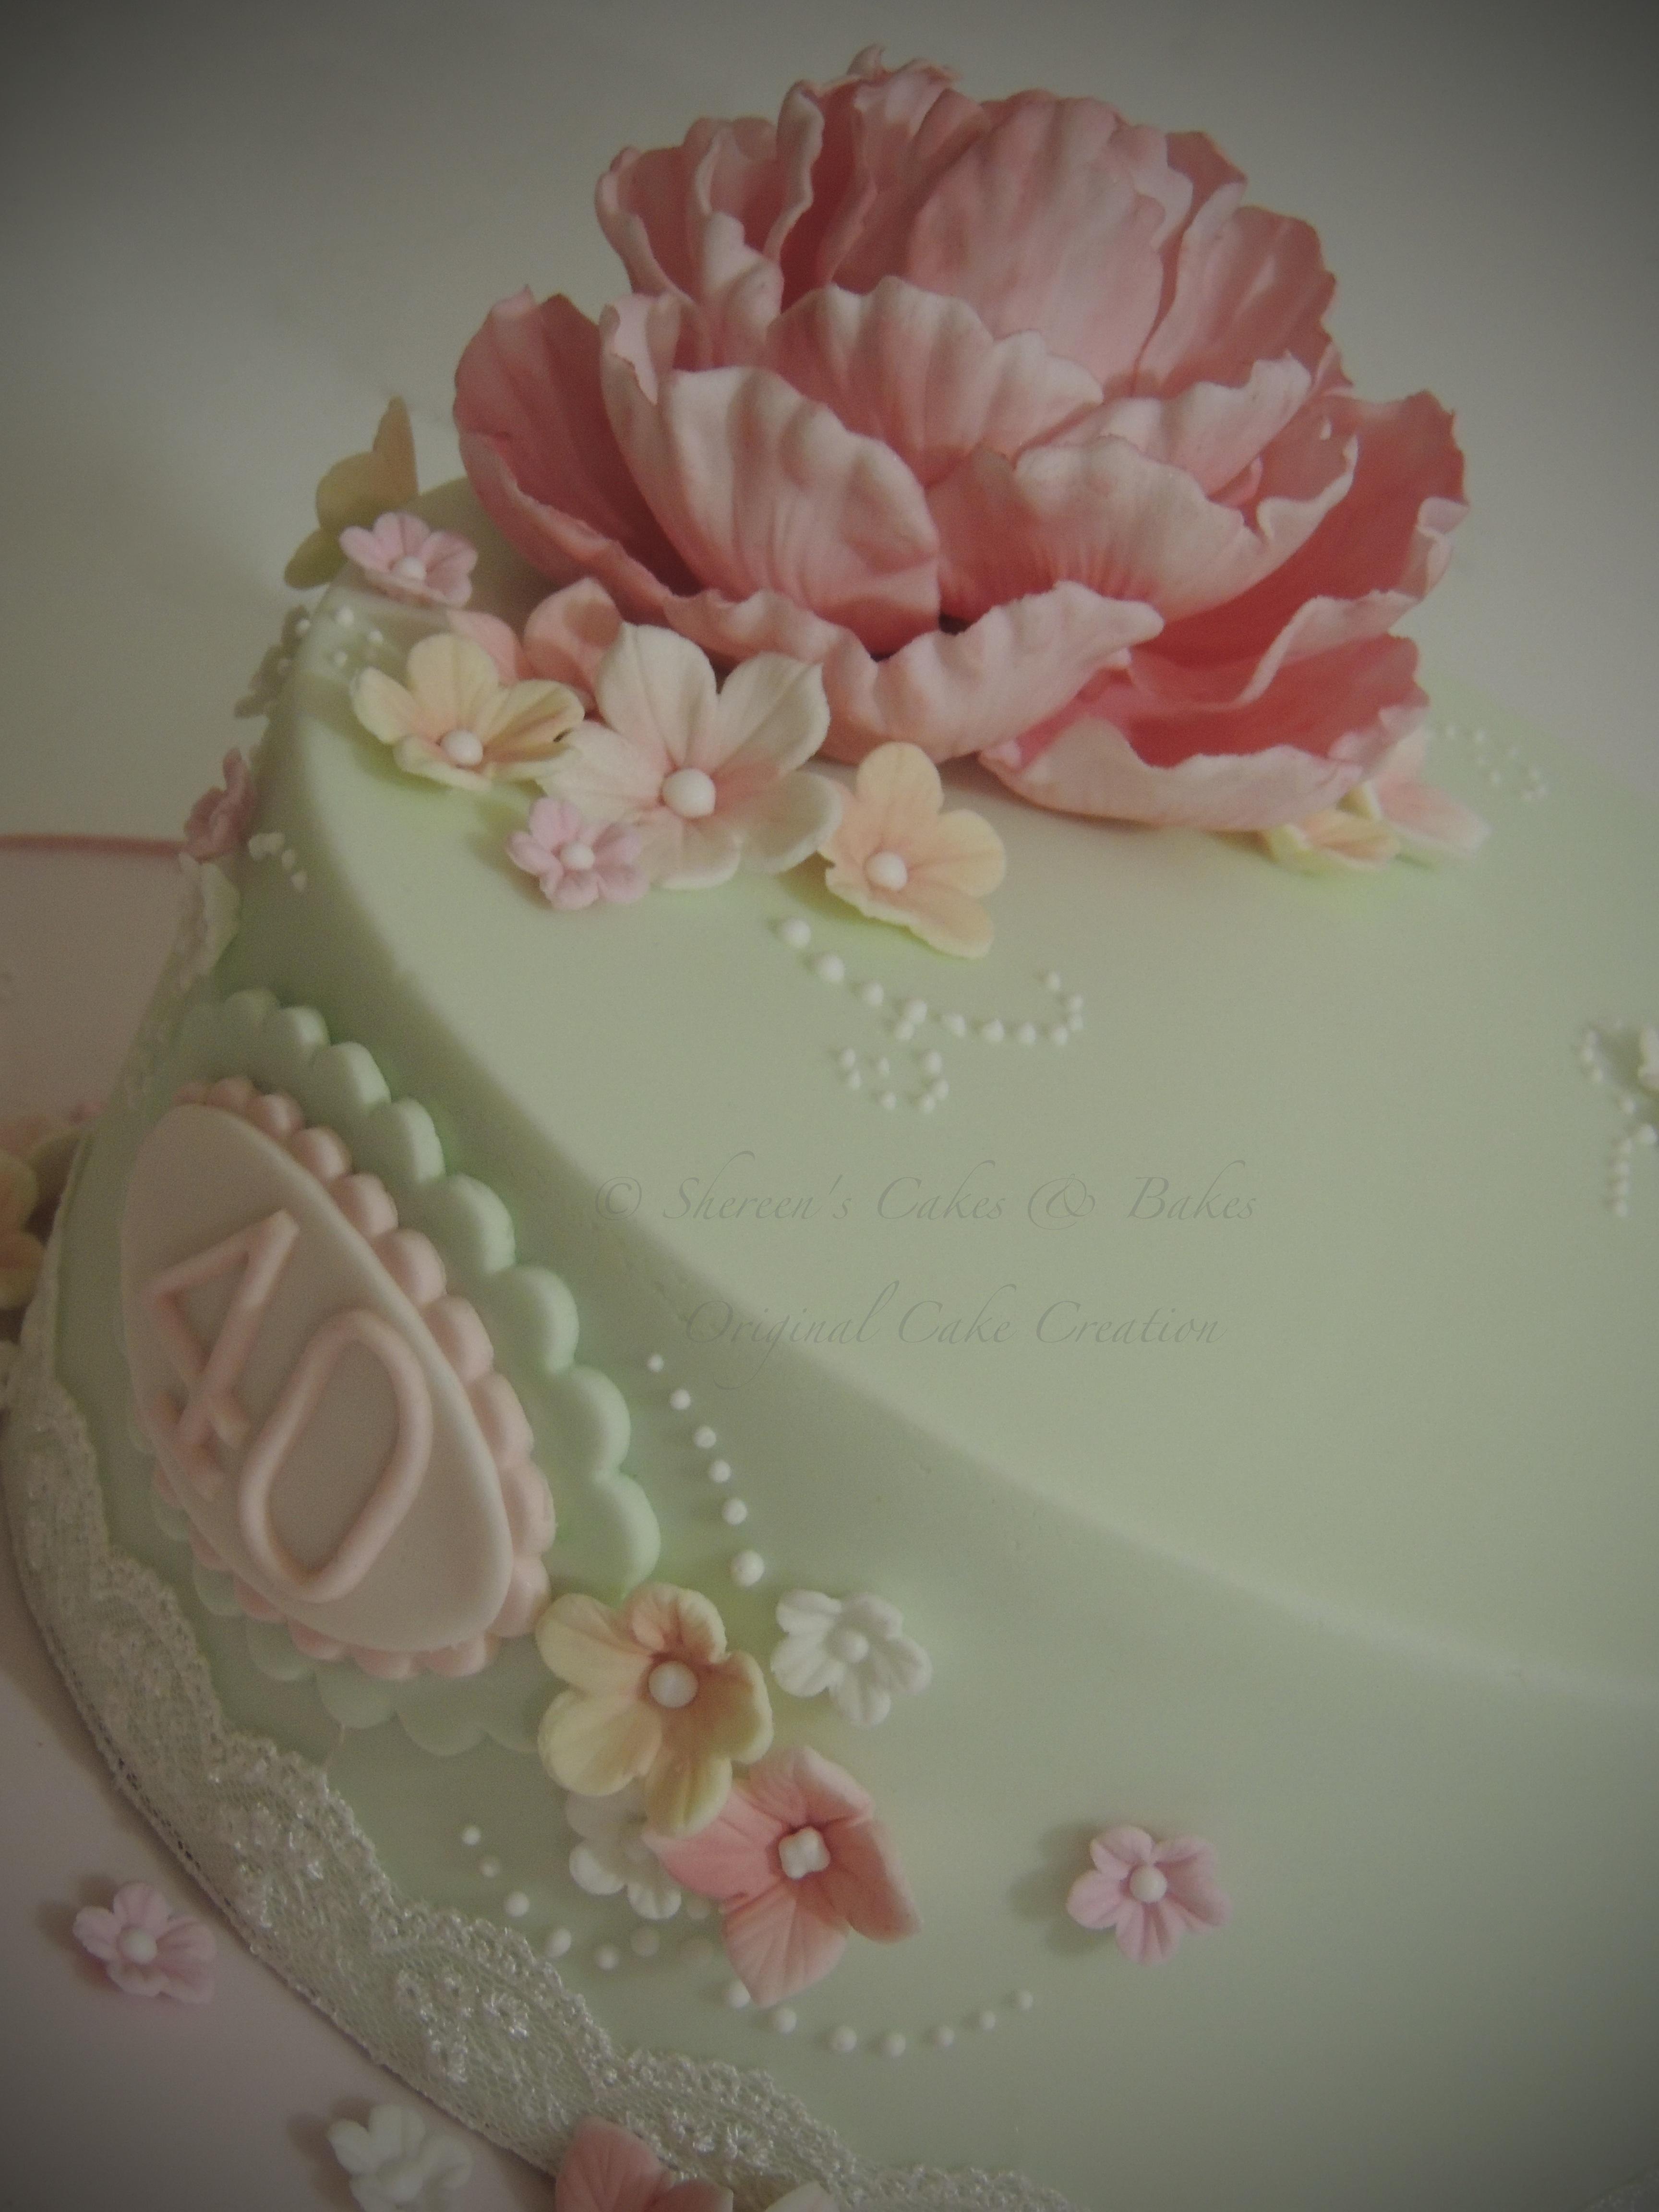 Peony Cake - CakeCentral.com